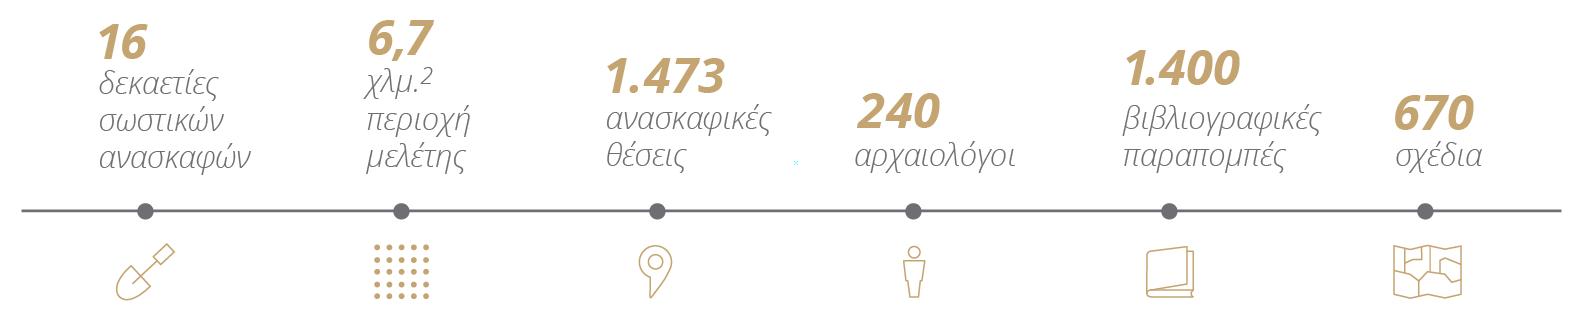 infograph_GR-20200424